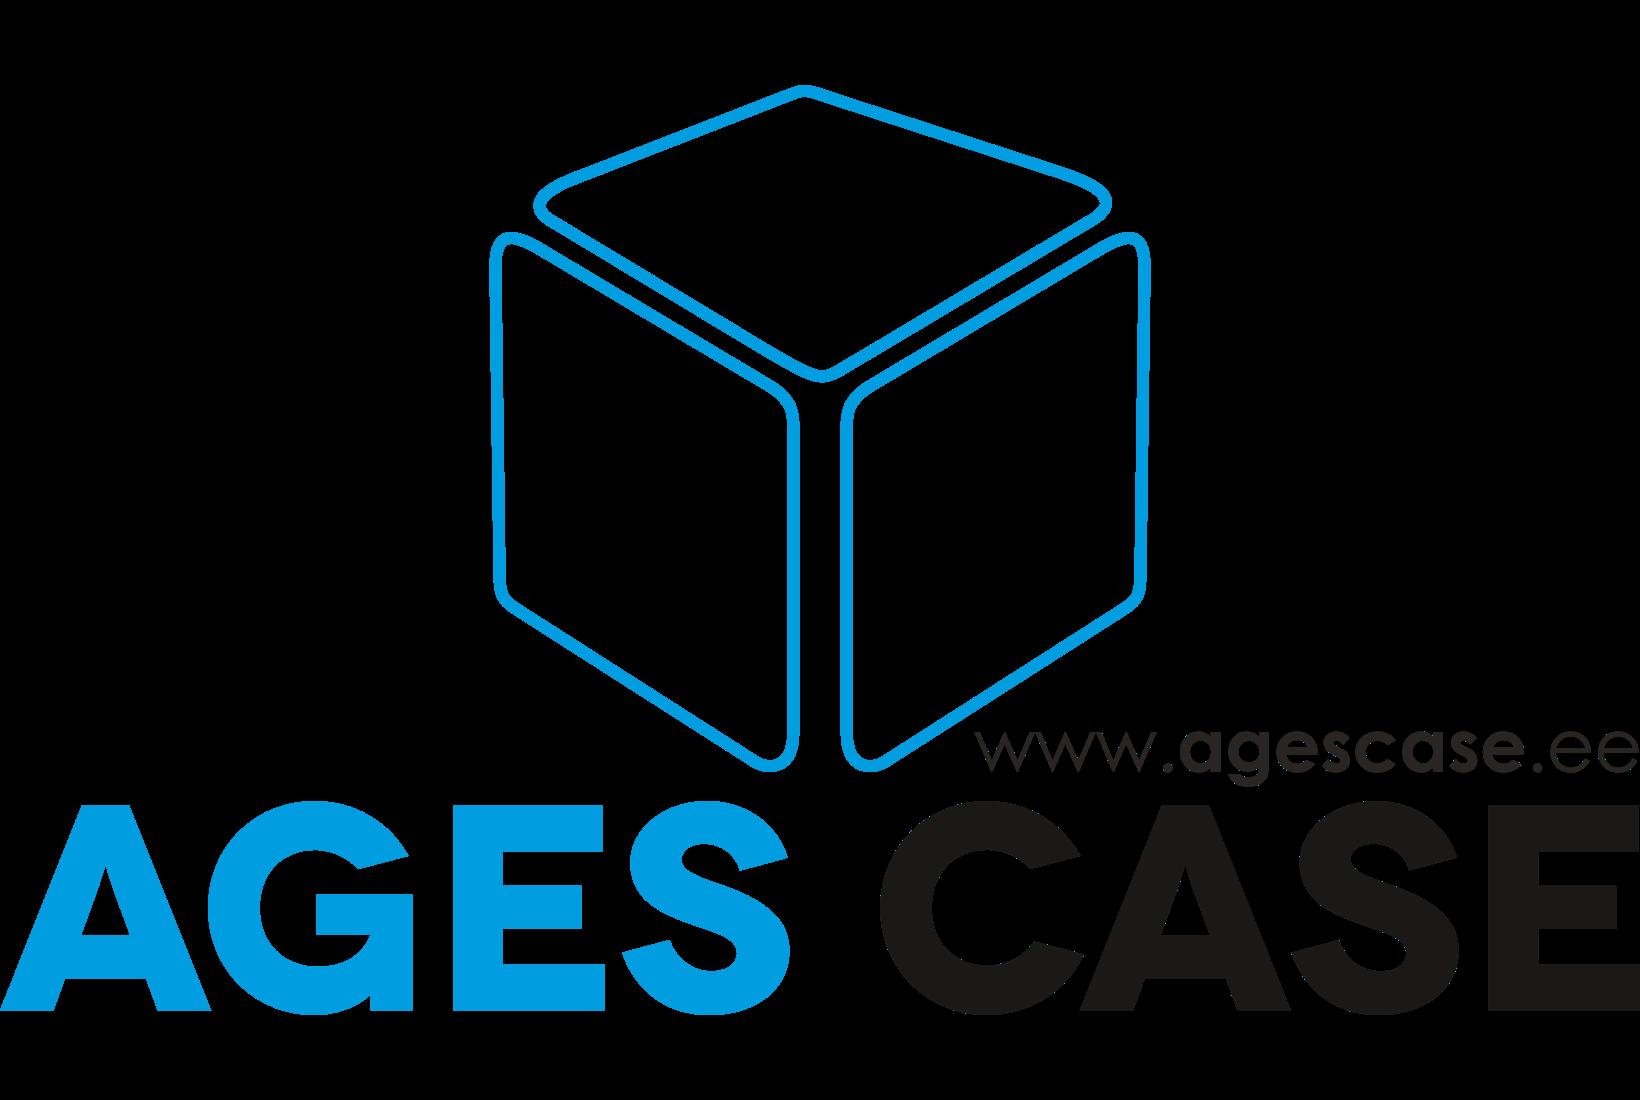 Ages Case